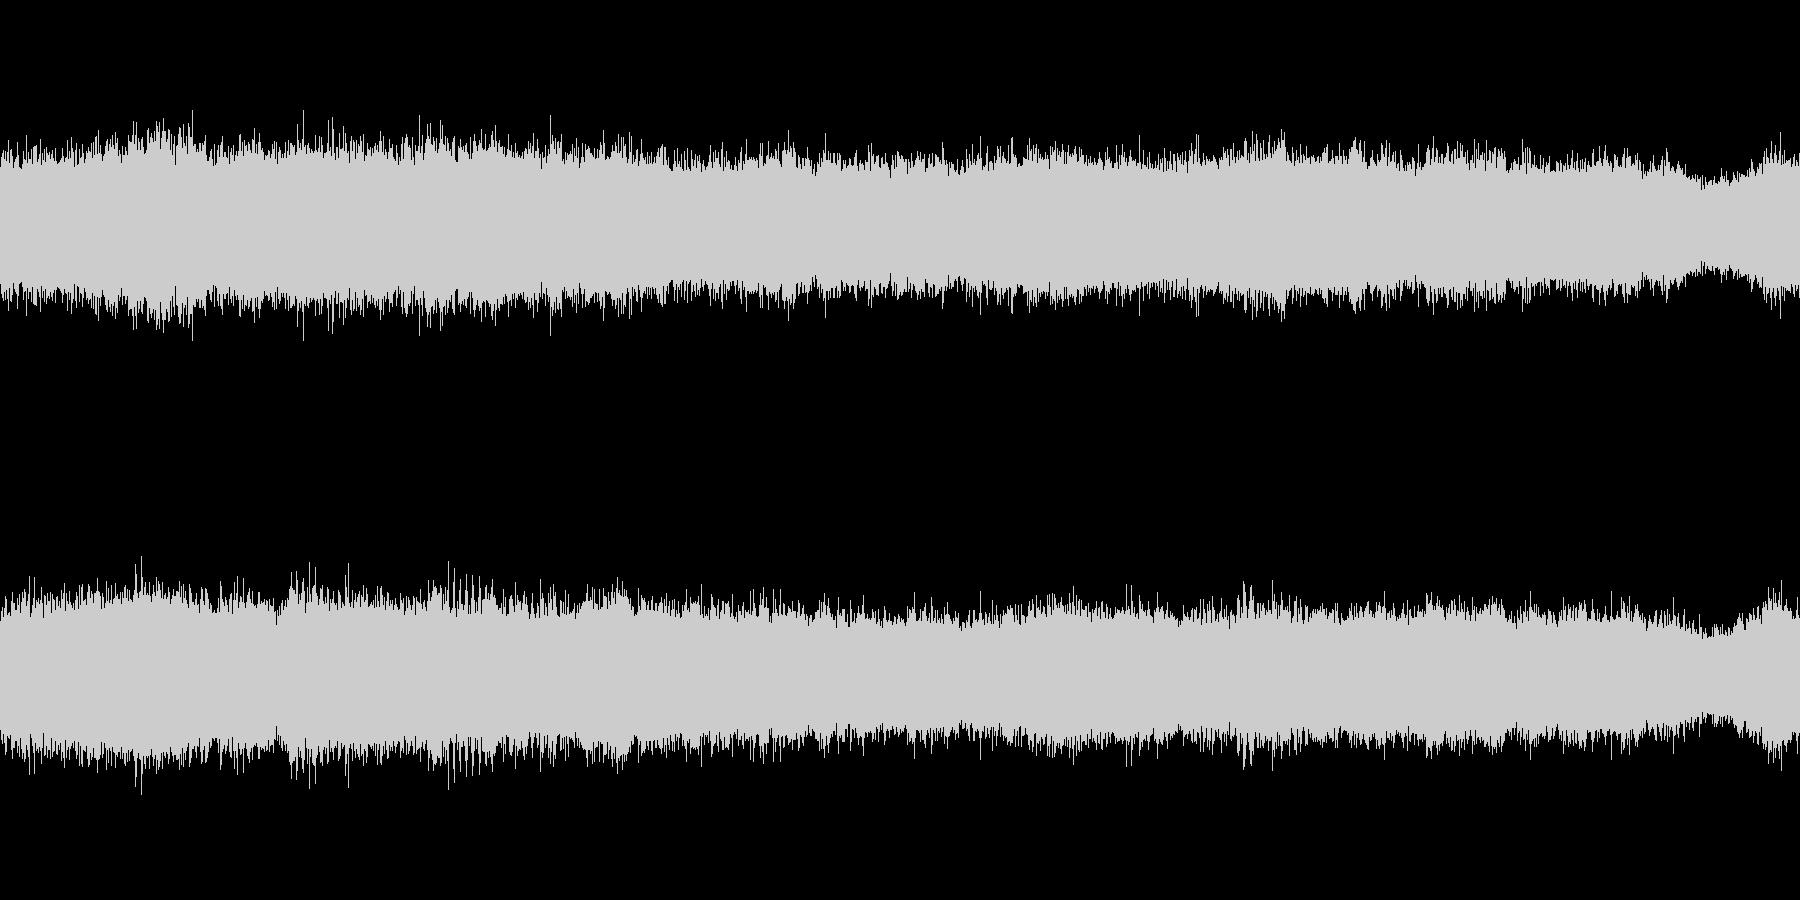 環境音蝉の鳴き声ミンミン1分ループ処理の未再生の波形